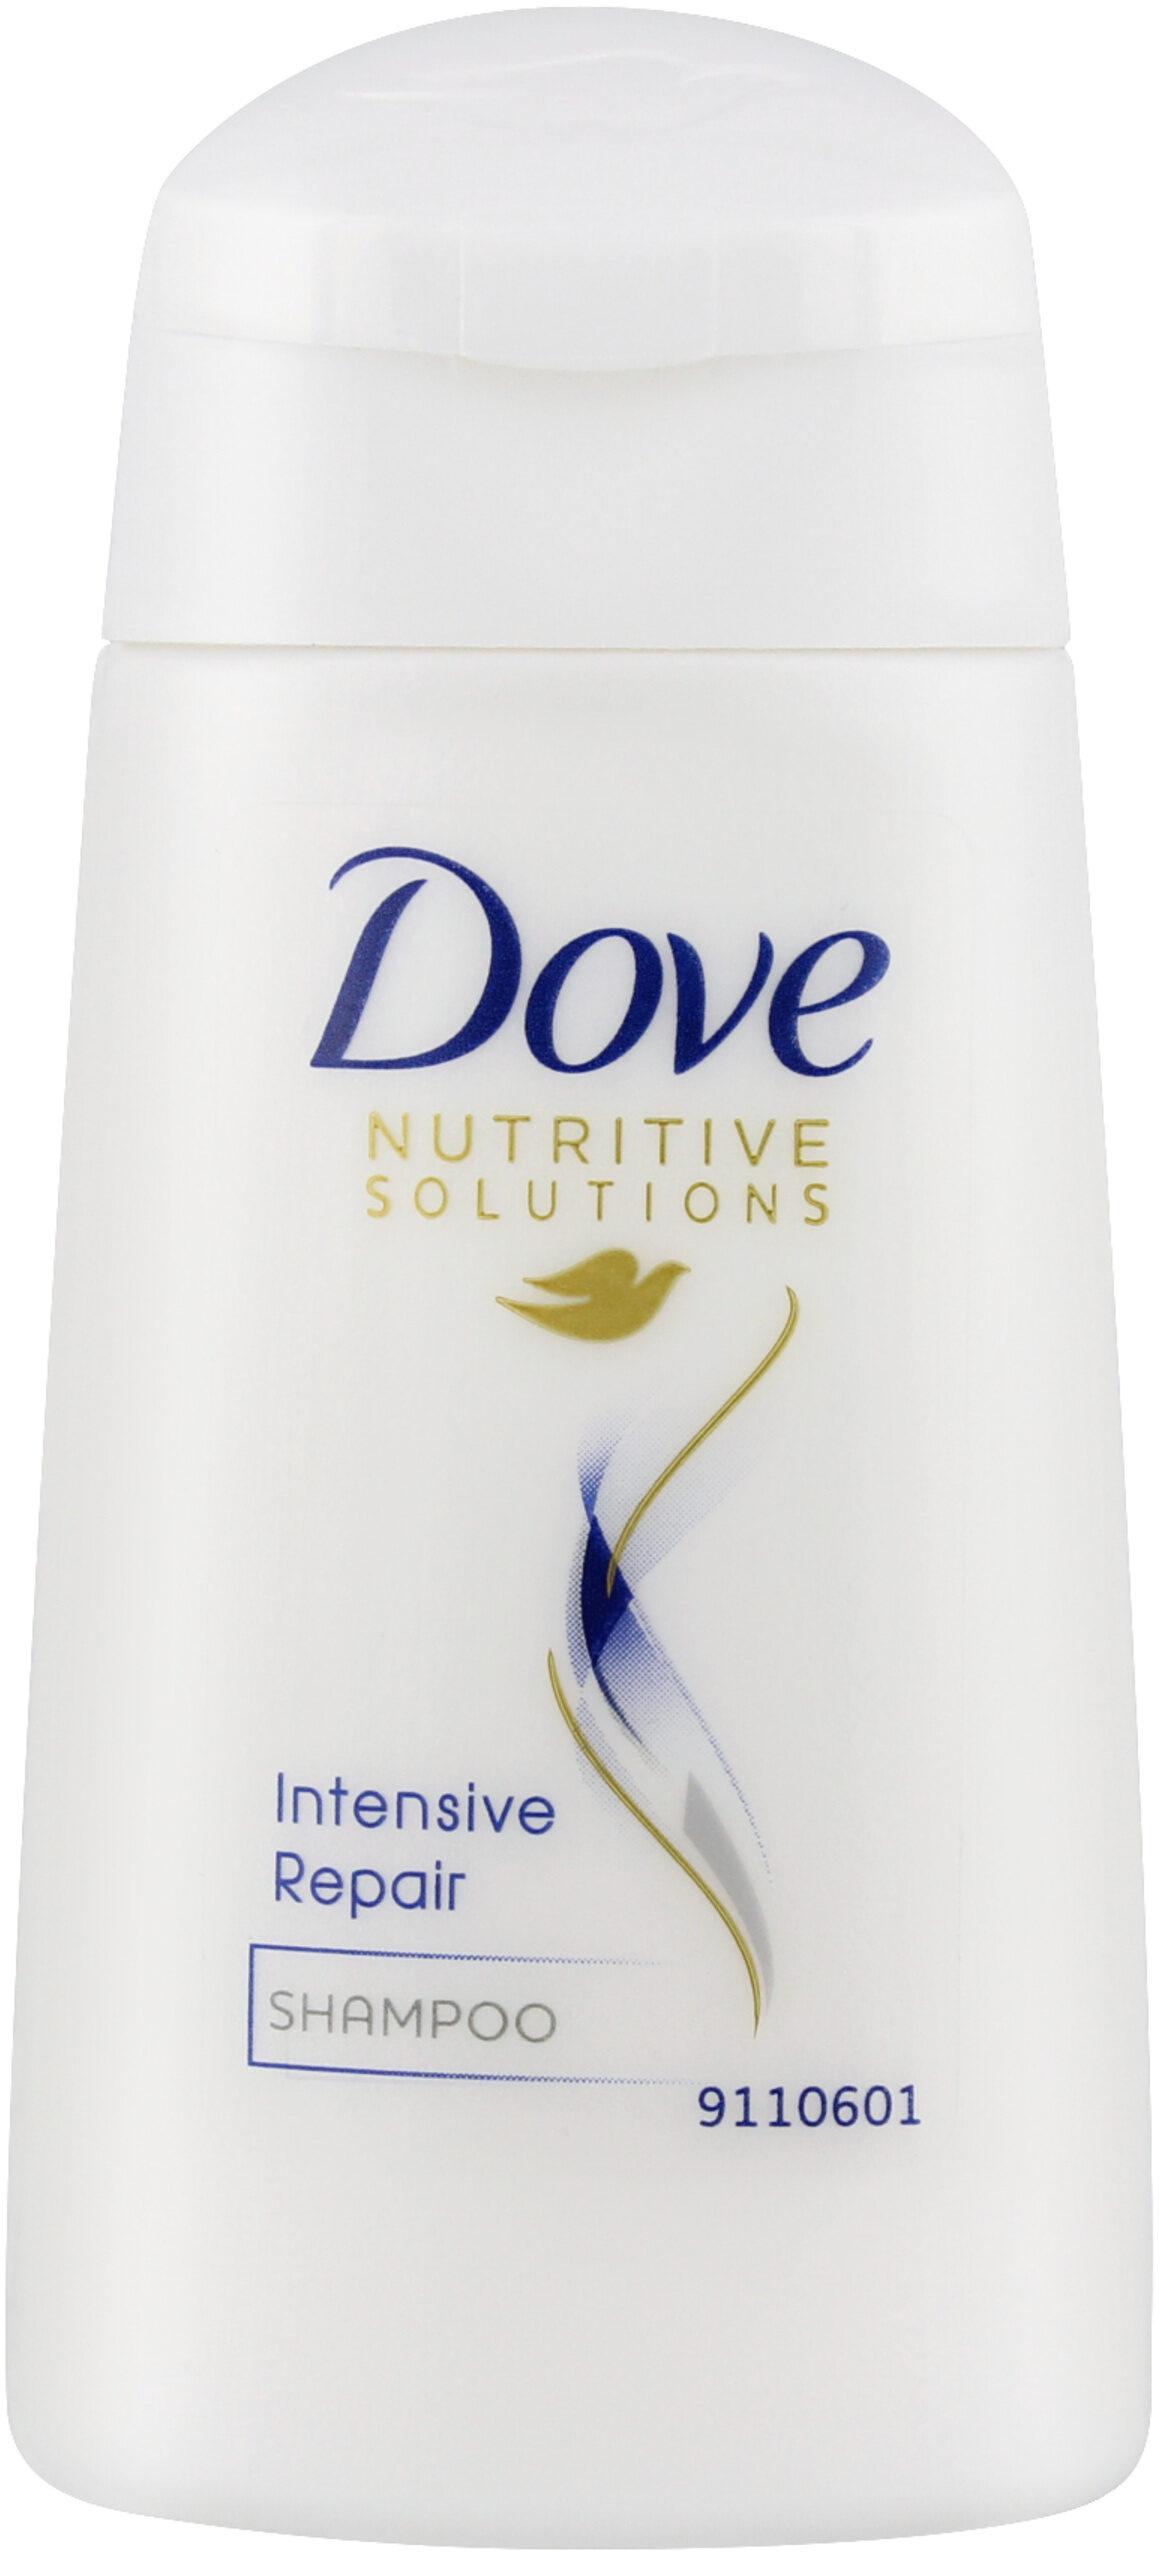 Dove Shampoing Réparation Intense - Produit - fr